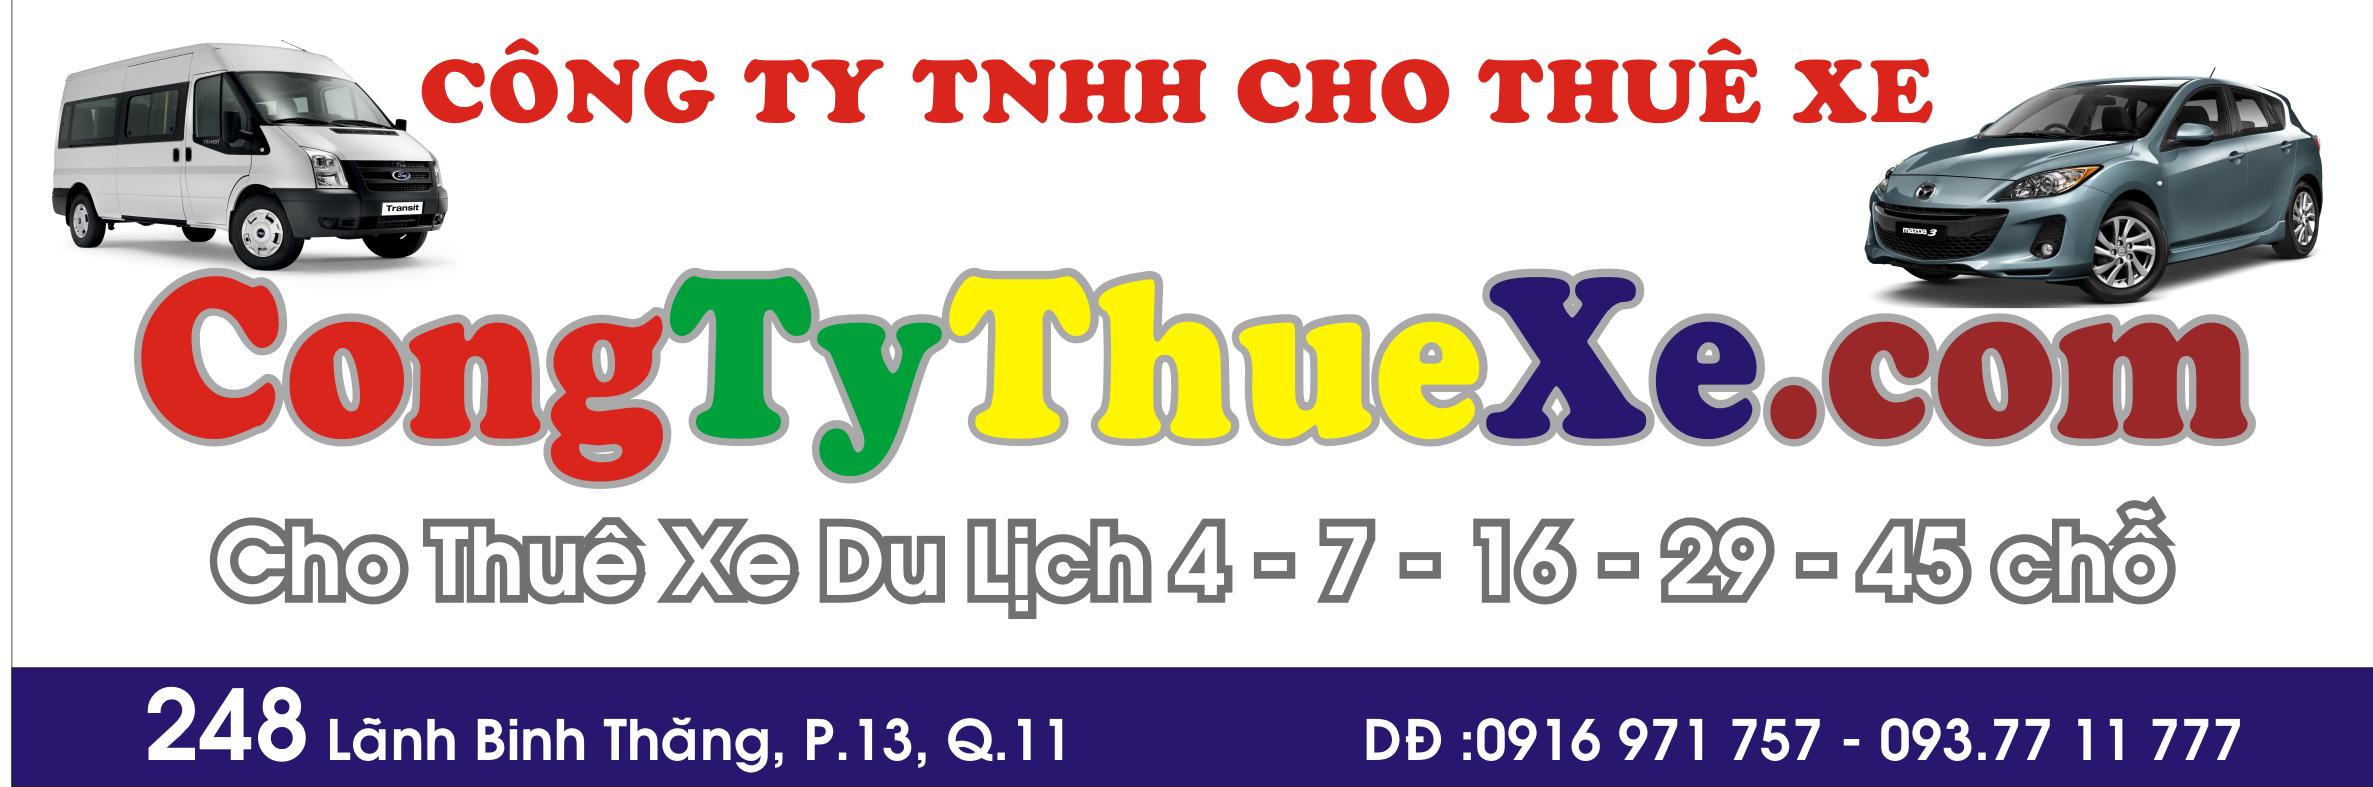 CHO THUE XE